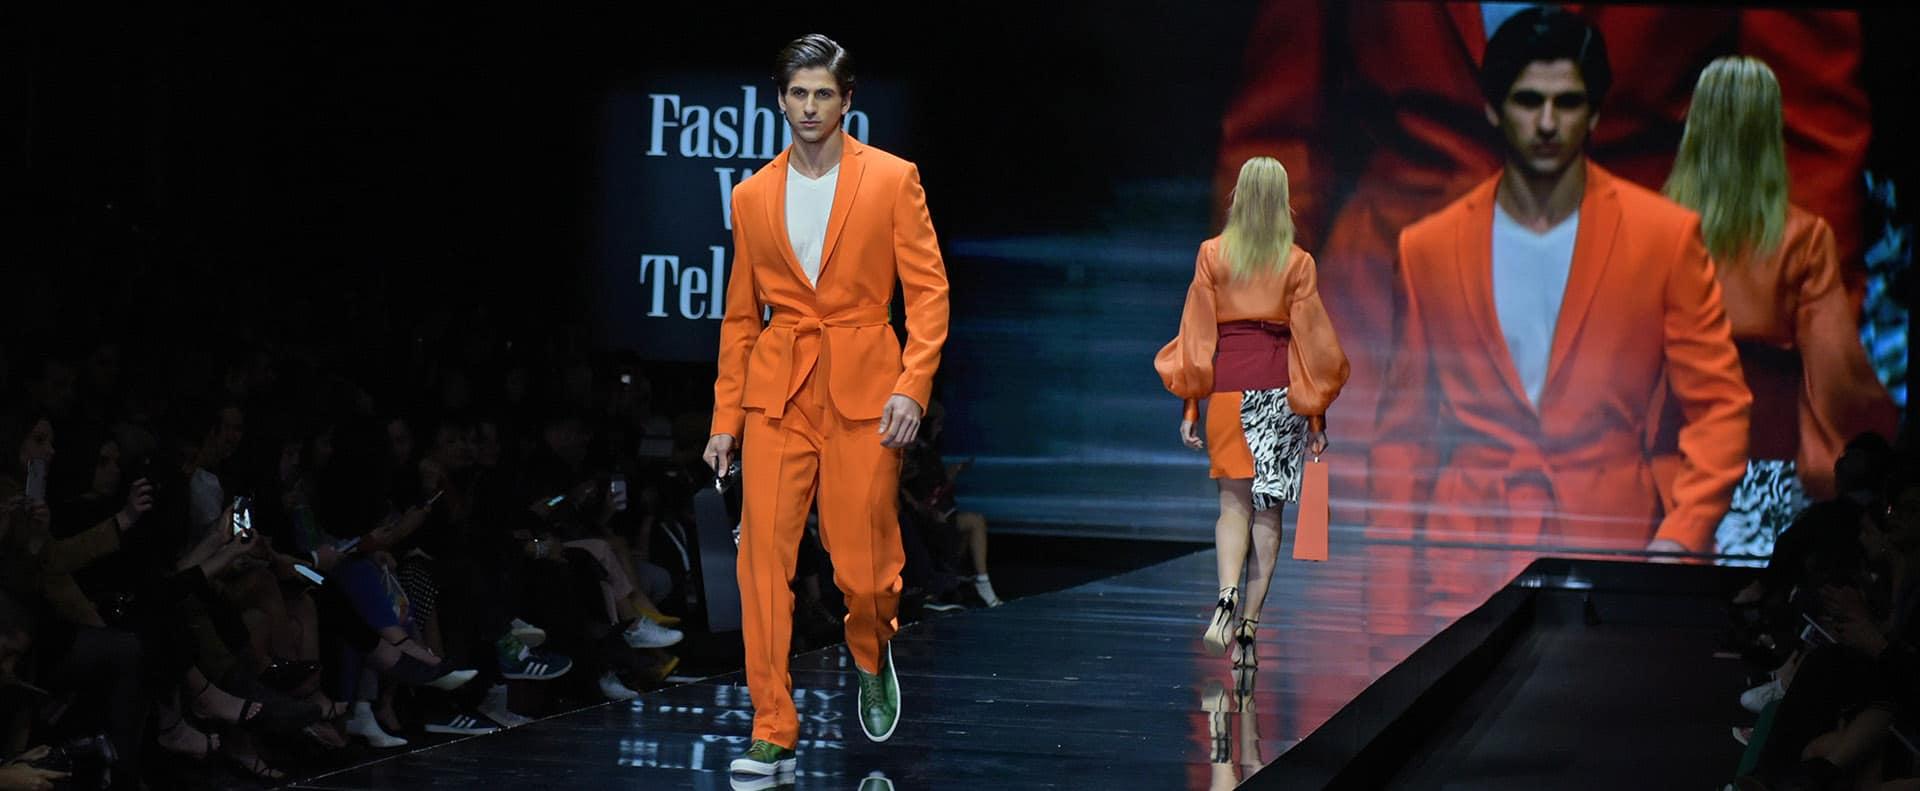 ליעוז הרוש שי שלום. שבוע האופנה תל אביב 2019. צילום סרג'ו סטרודובצב